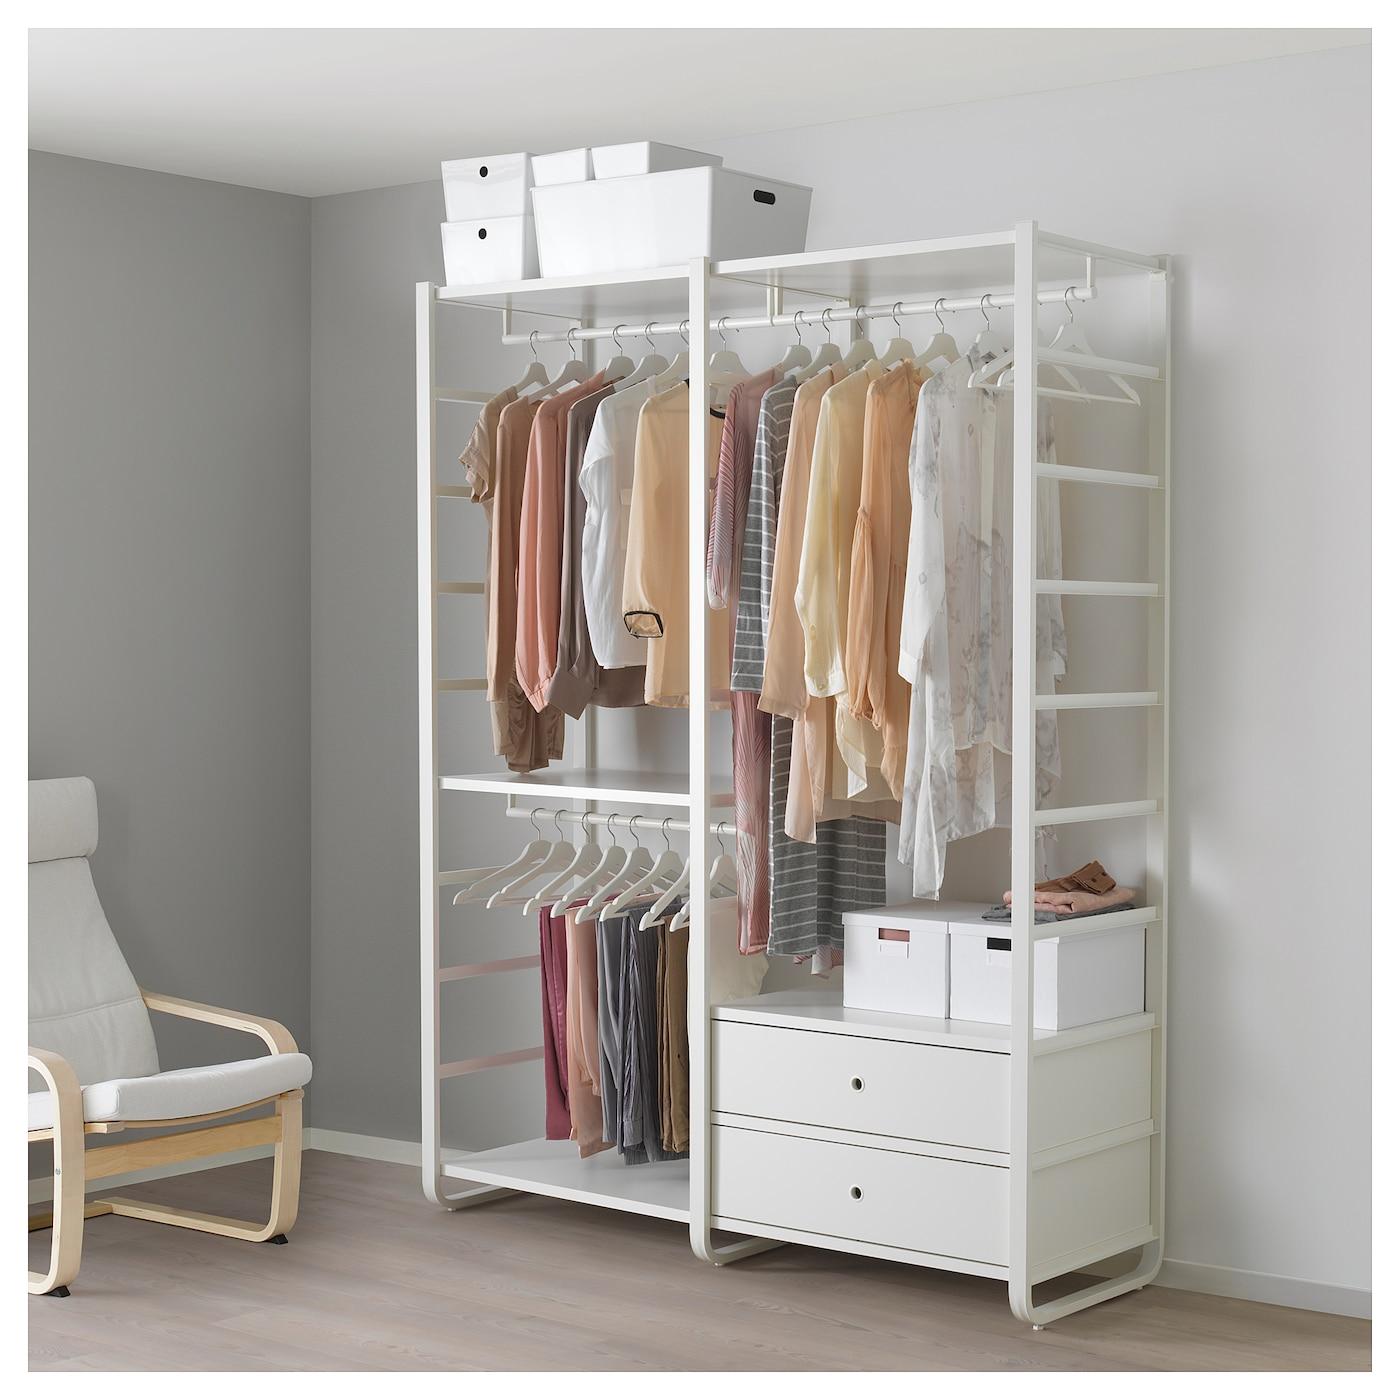 elvarli collection ikea. Black Bedroom Furniture Sets. Home Design Ideas